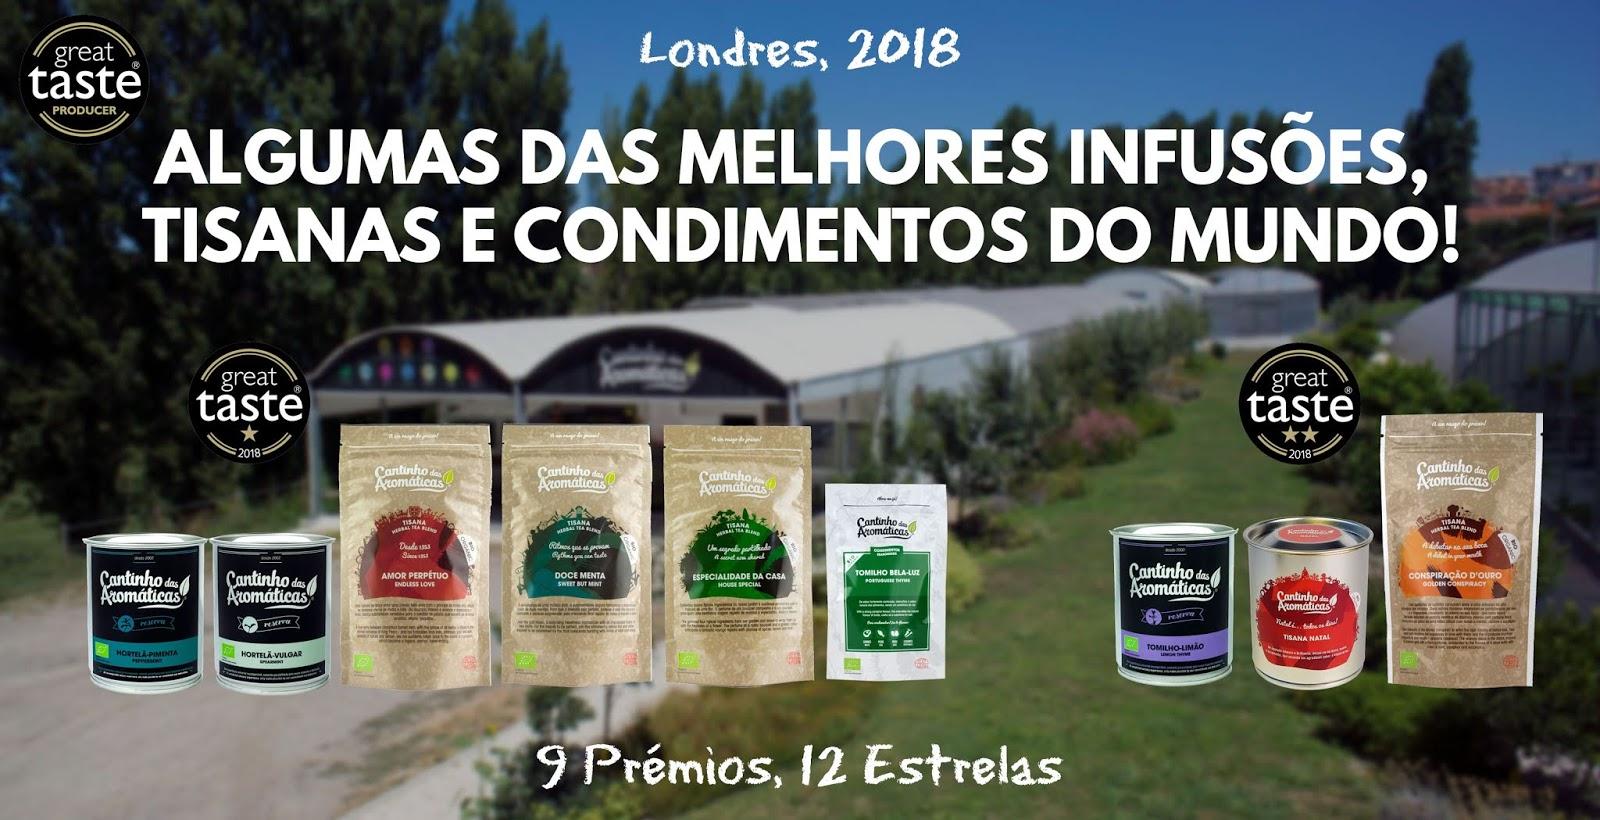 https://boacamaboamesa.expresso.sapo.pt/boa-vida/2018-10-10-Conheca-as-tisanas-de-Gaia-que-estao-a-conquistar-o-mundo